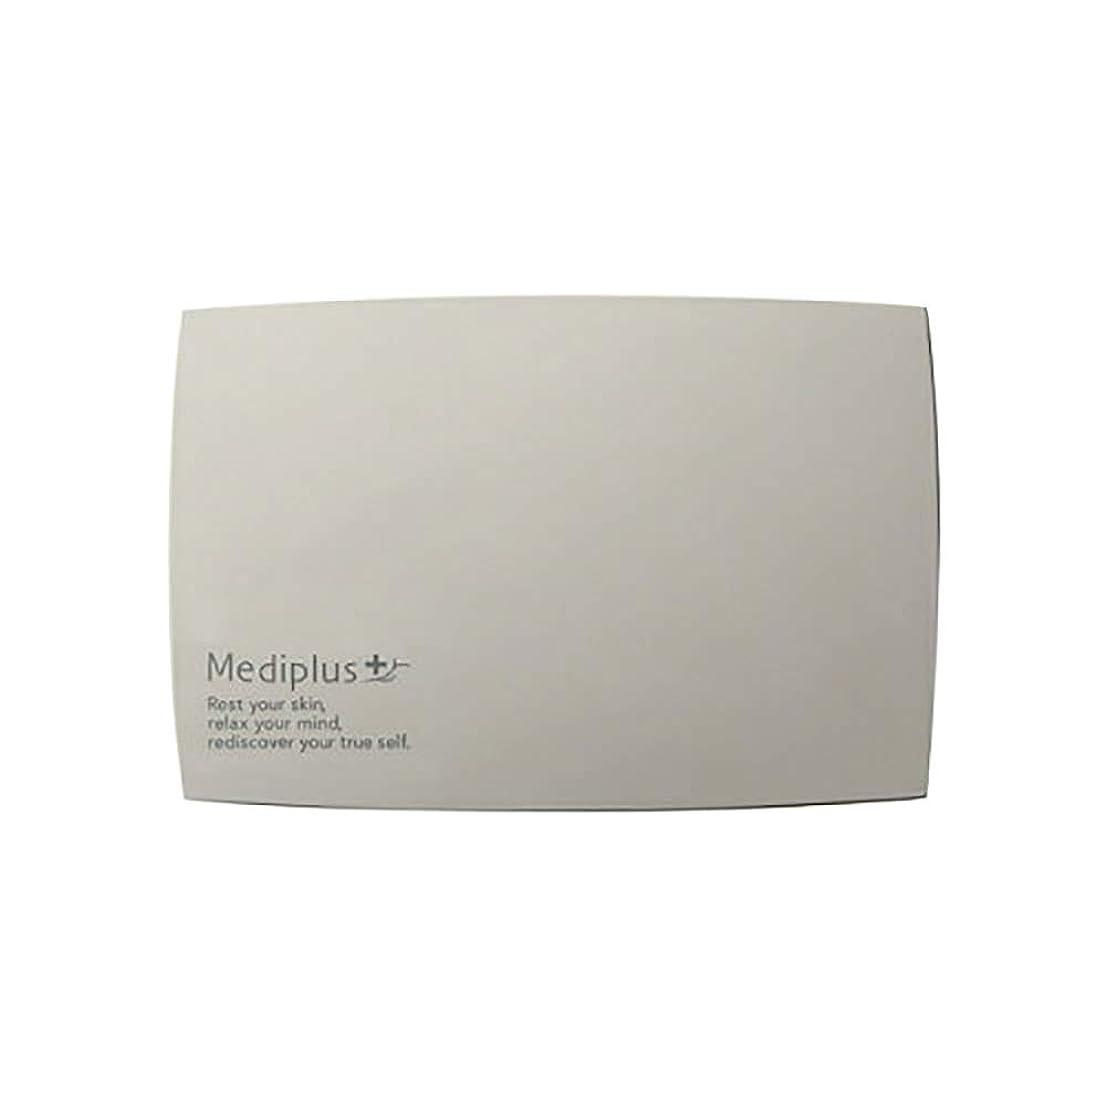 故国シニス座標mediplus メディプラス プレストパウダー コンパクト [ プレストパウダー専用 ]